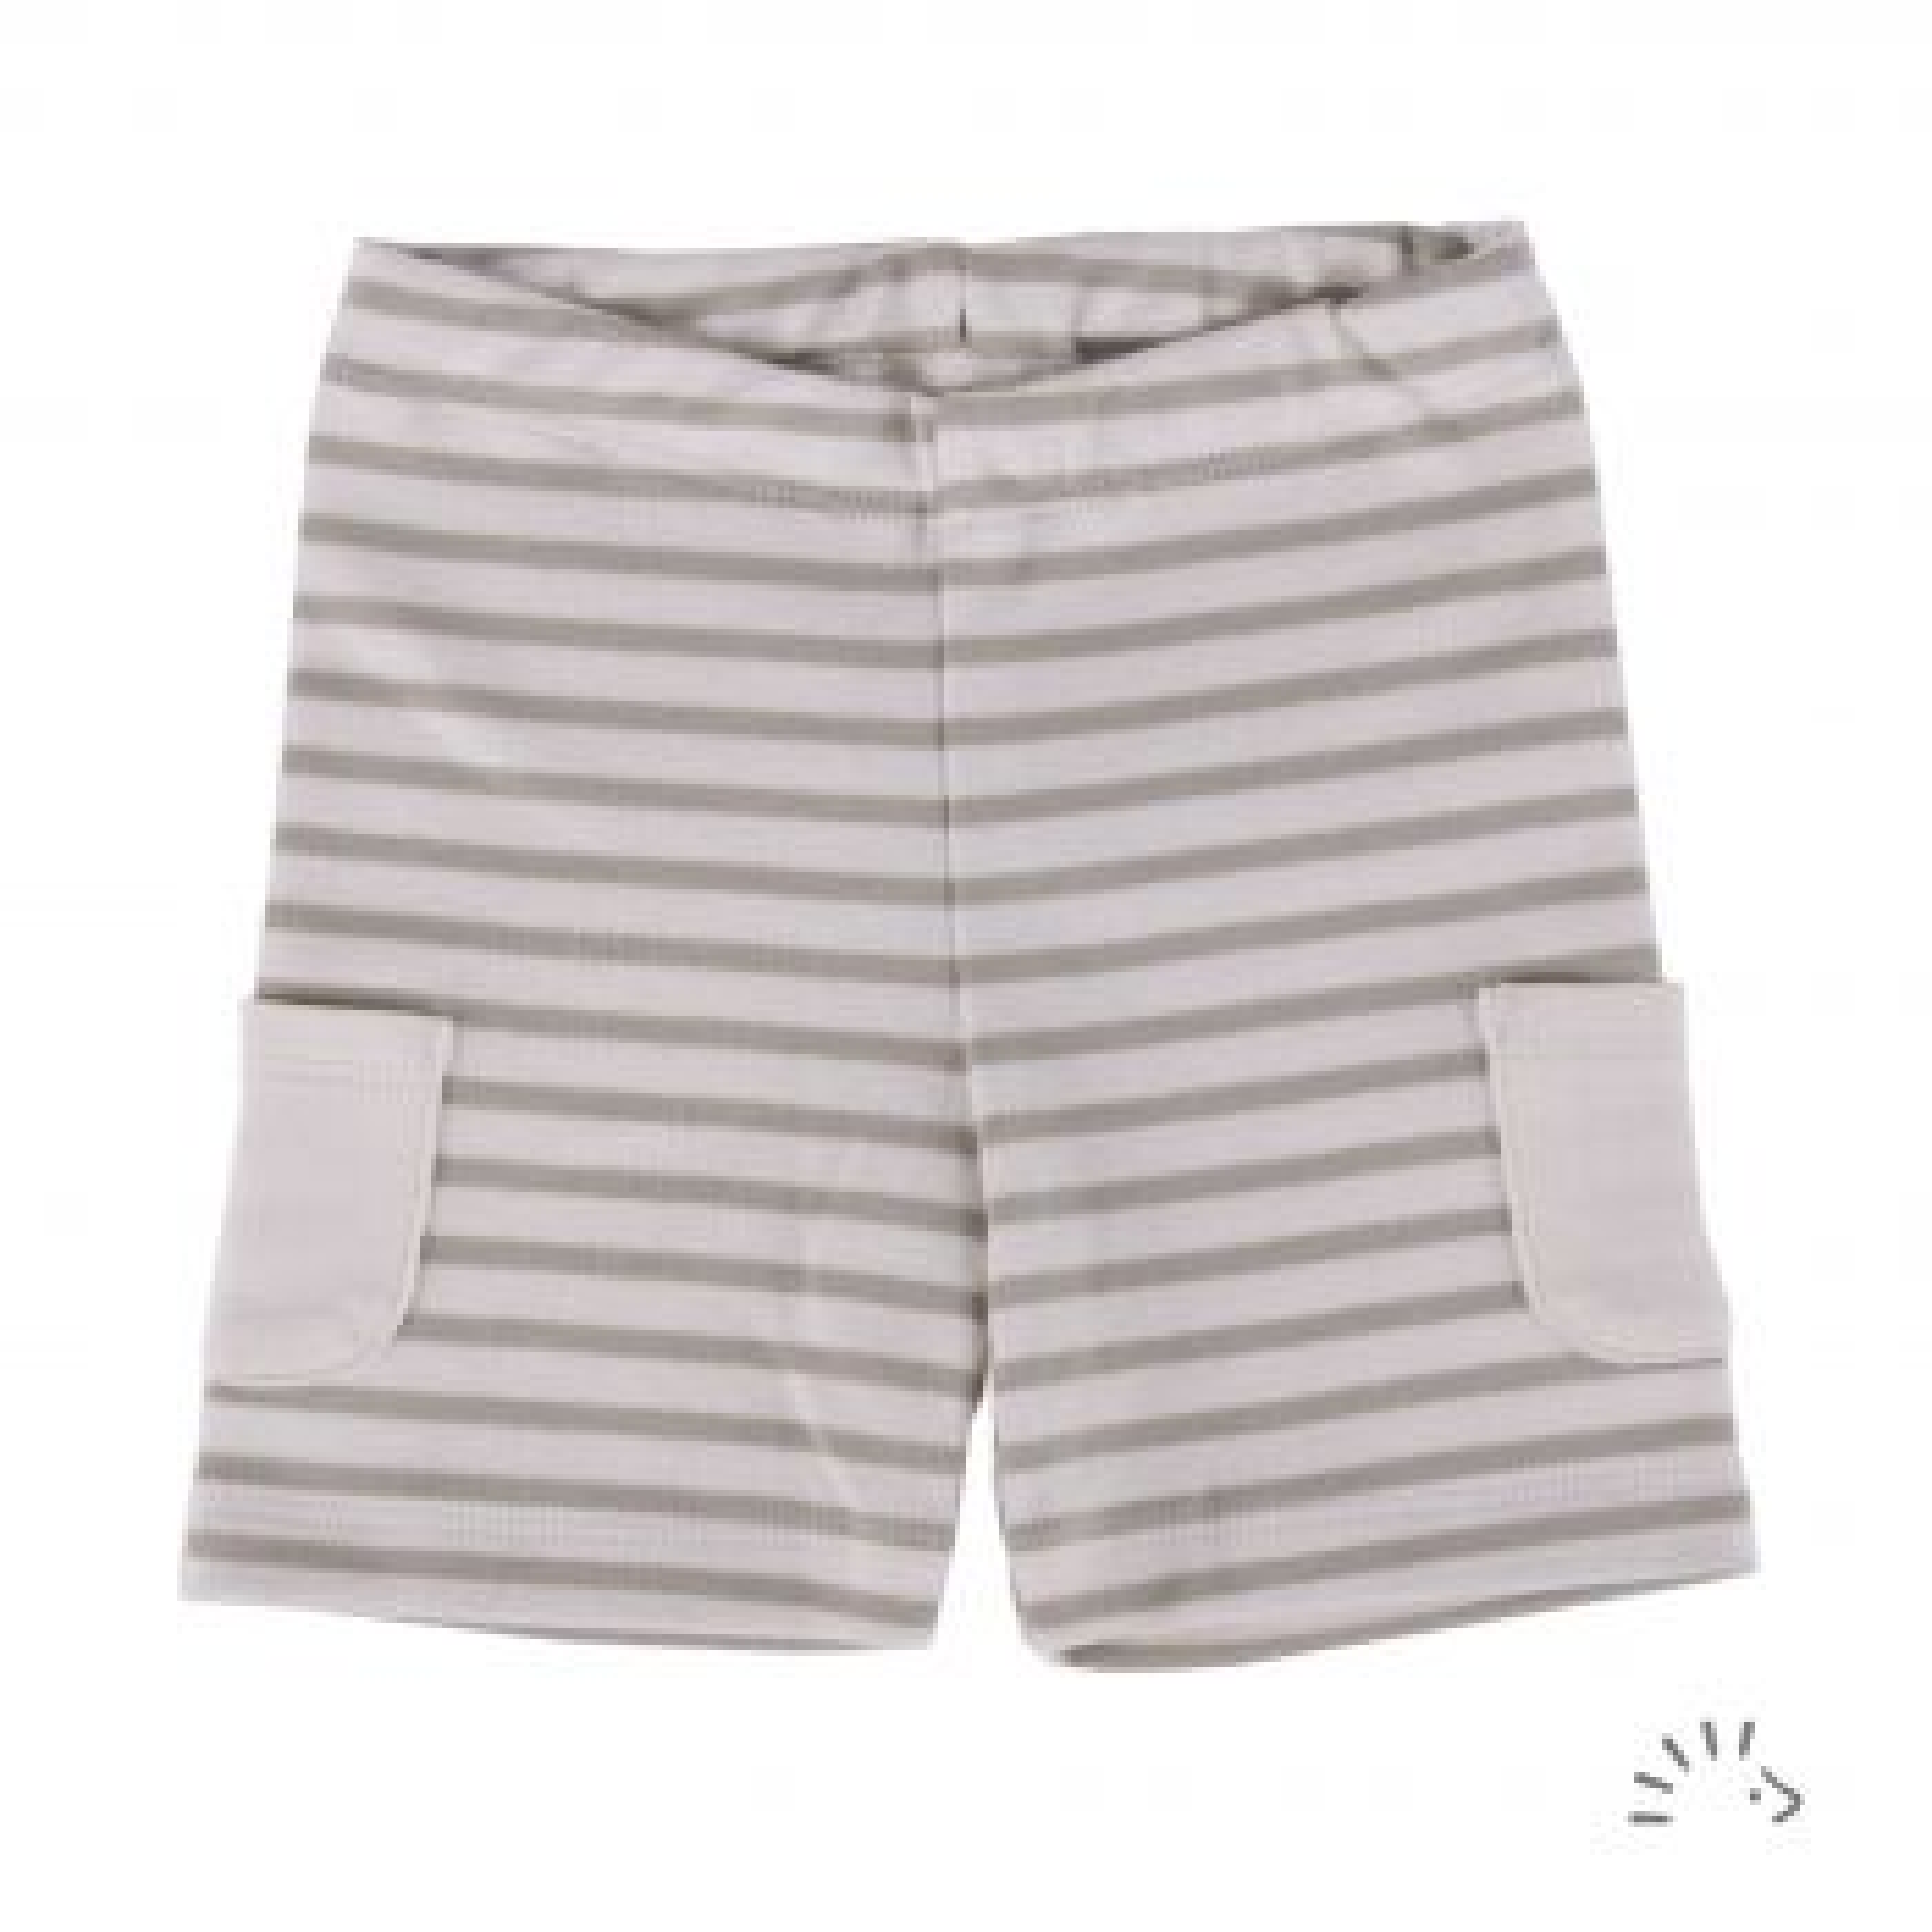 Shorts Taschen Interlock